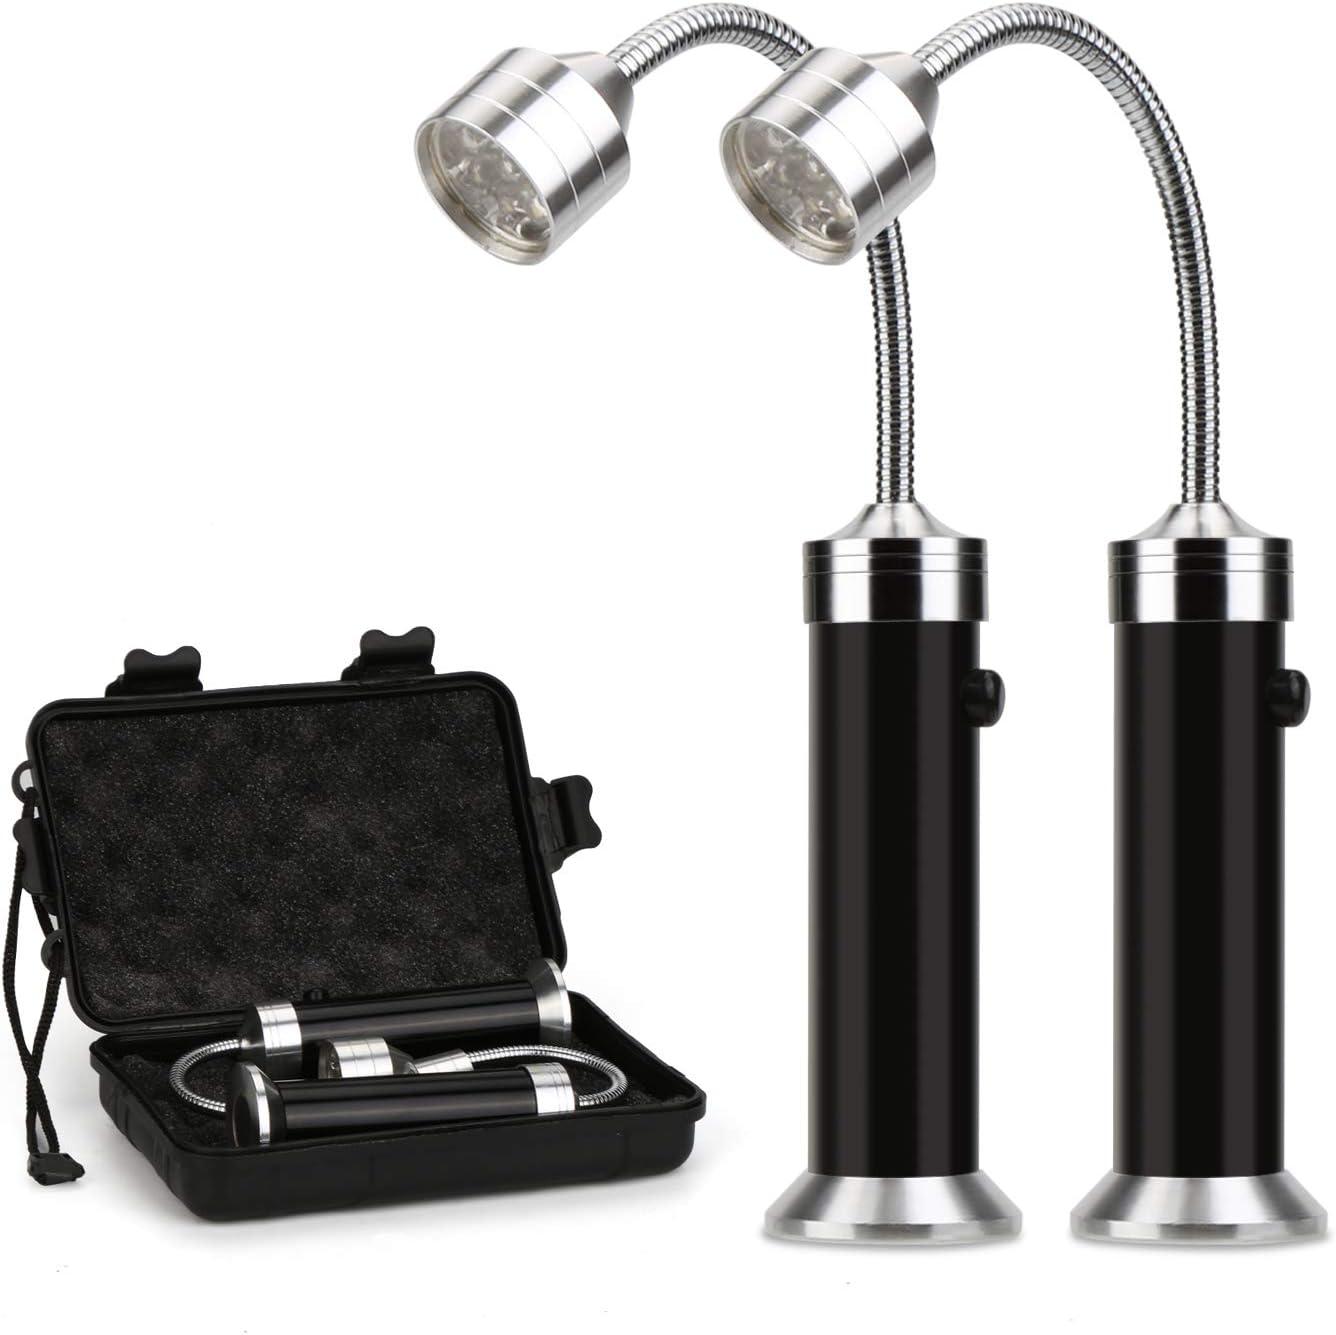 Mitening 2 Pcs Luz de Parrilla Magnética, Parrilla LED Luces con Base Magnética, 360 Grados Rotación, Ajustable, Flexible Cuello, para Exteriores, Barbacoa, Camping, Fiesta, Leer, BBQ ect (Negro)